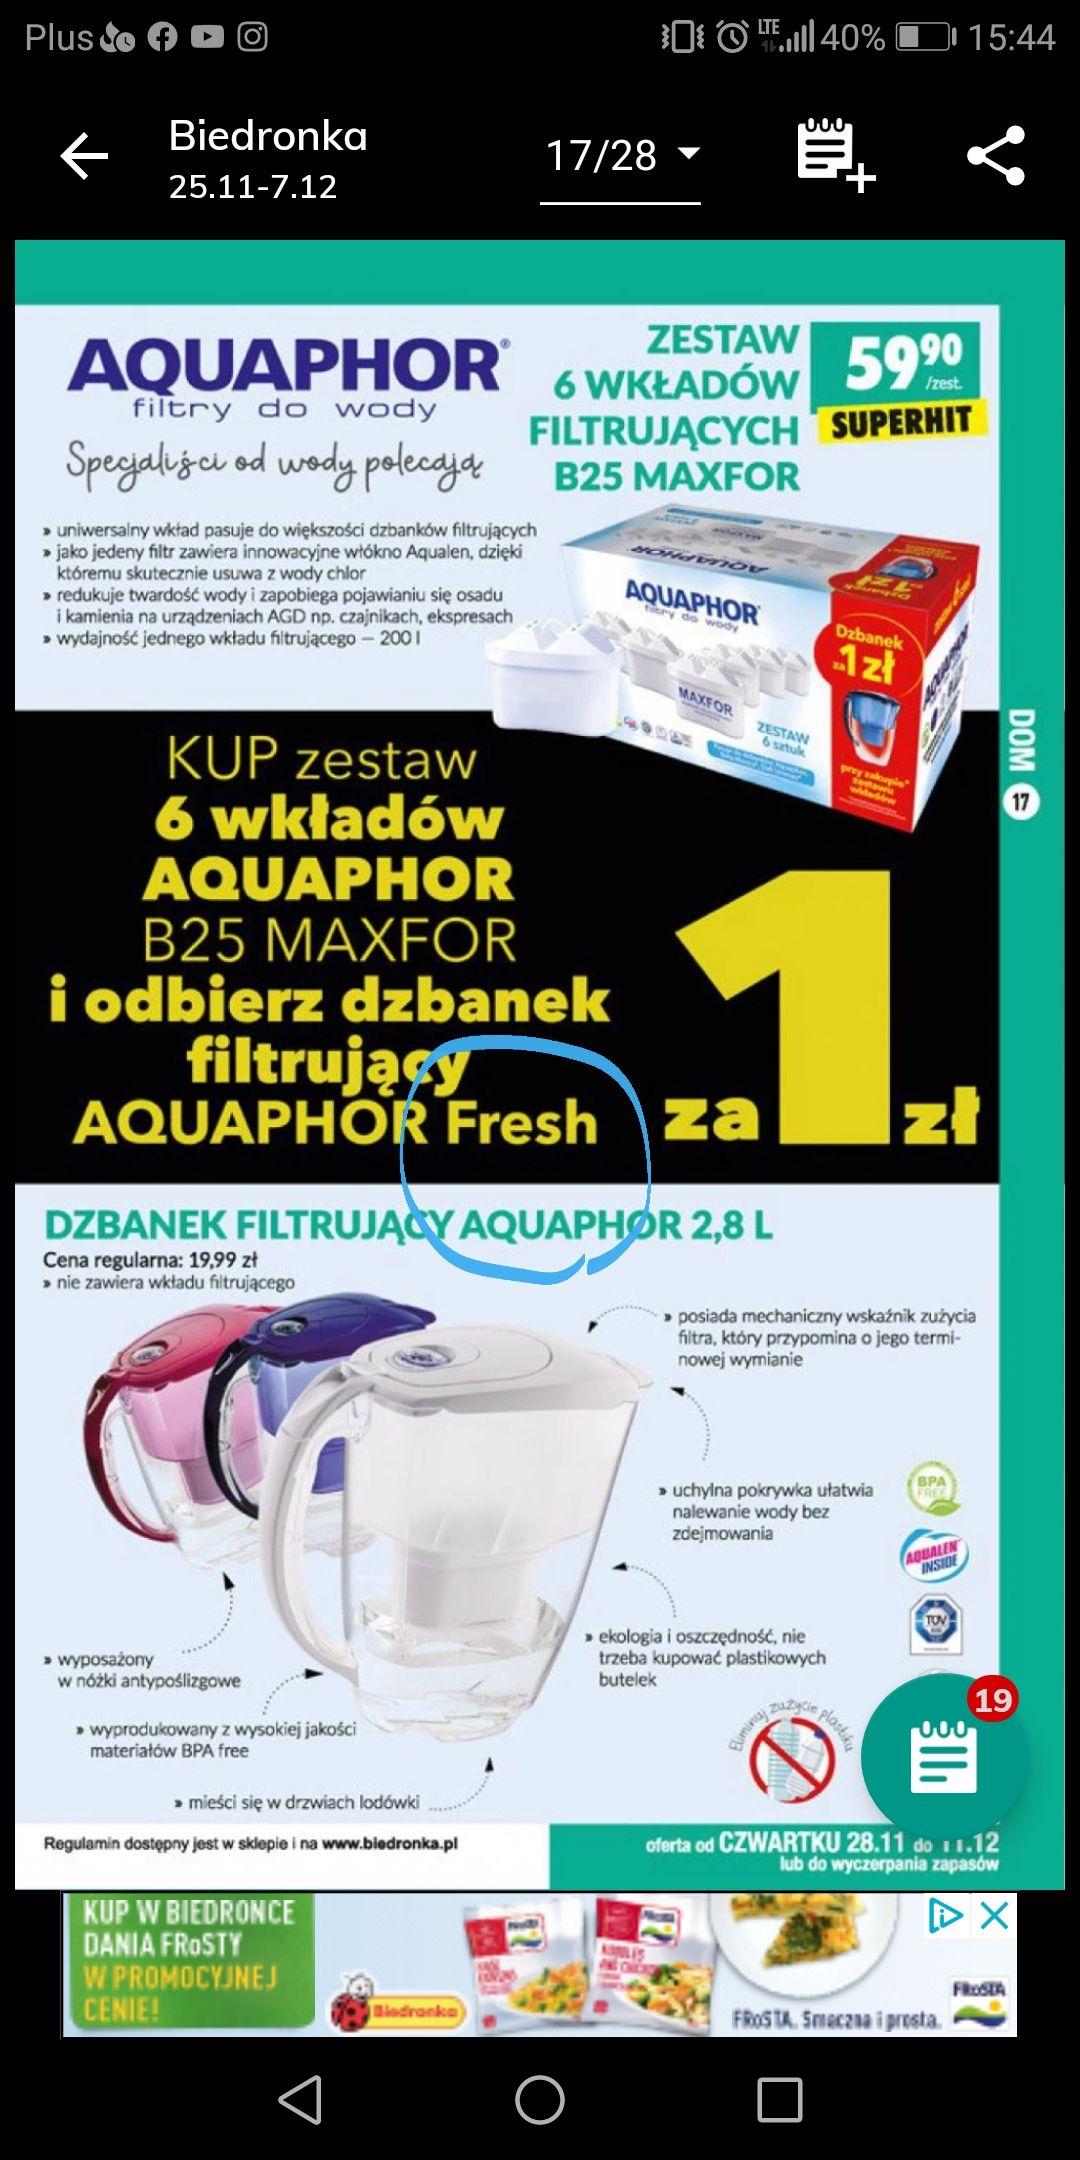 Zestaw 6 wkładów filtrującychB25 maxfor + dzbanek za 1zł